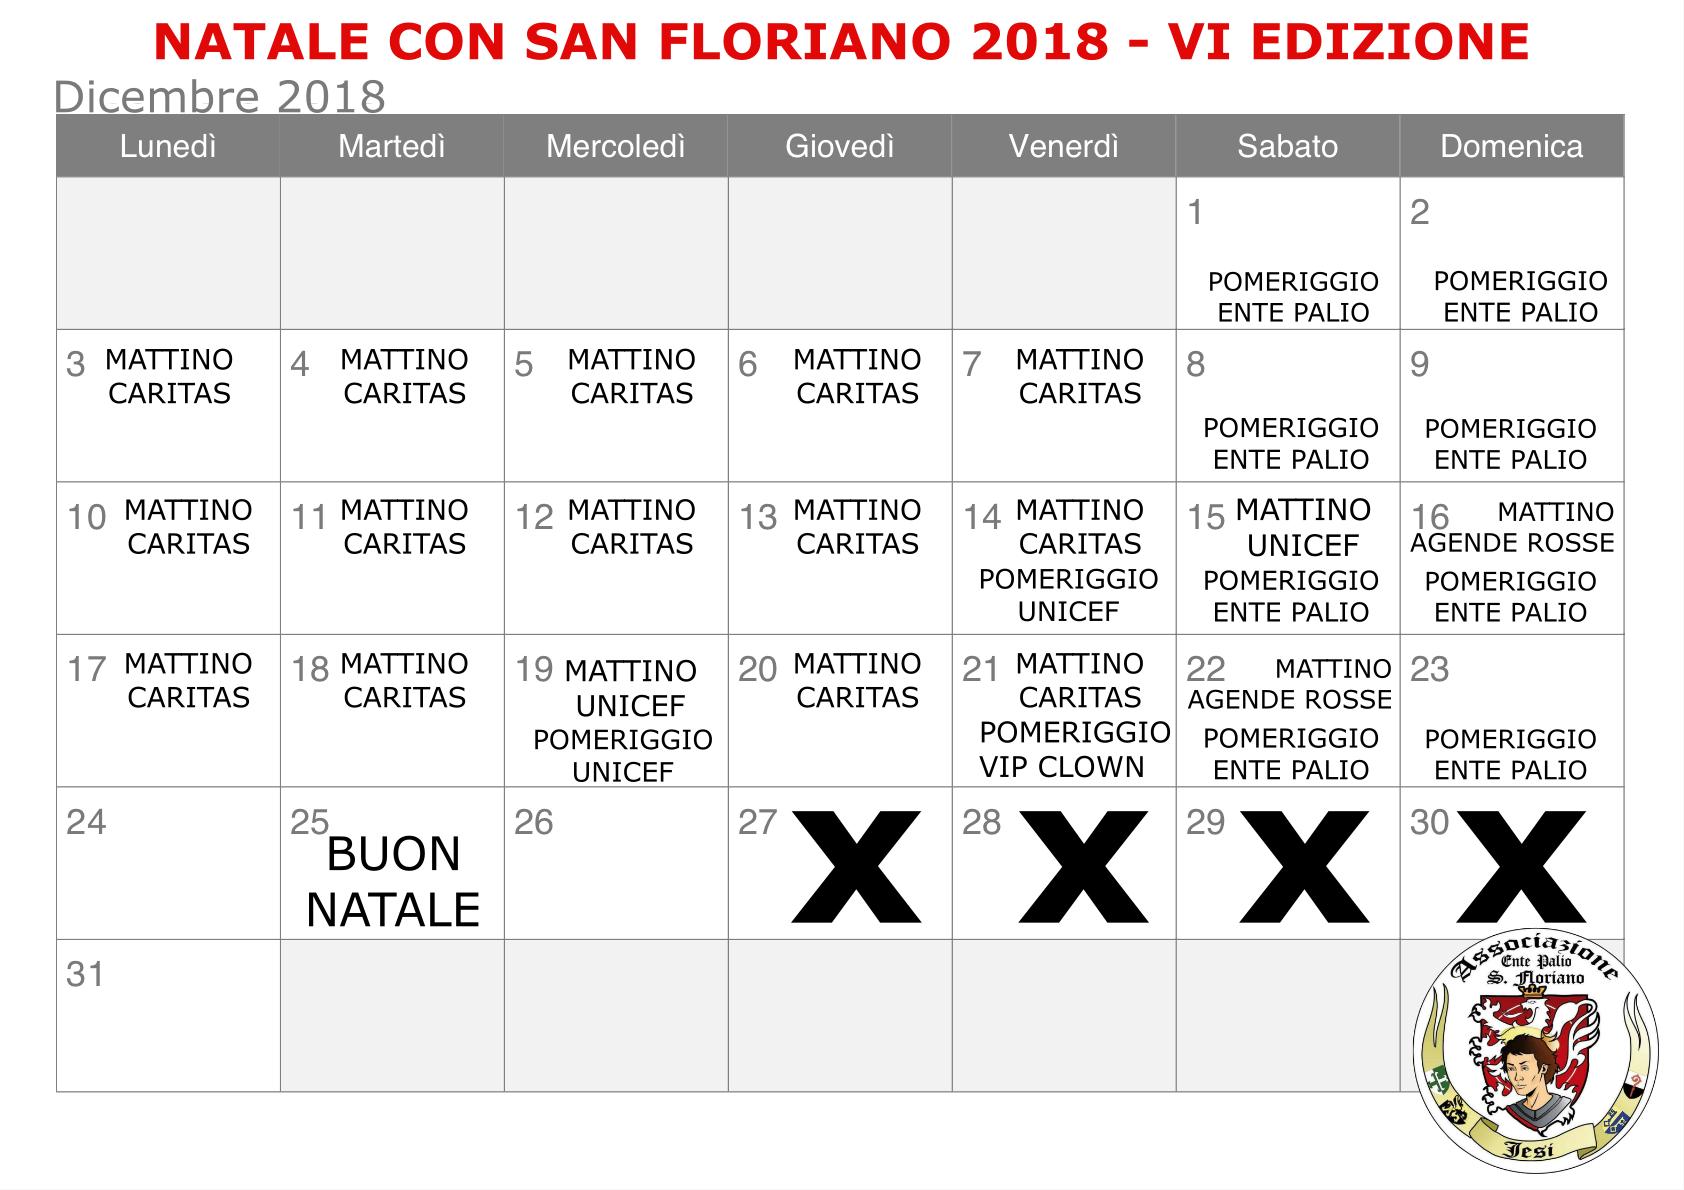 Calendario Attuale.Natale Con San Floriano 2018 Domanda Partecipazione